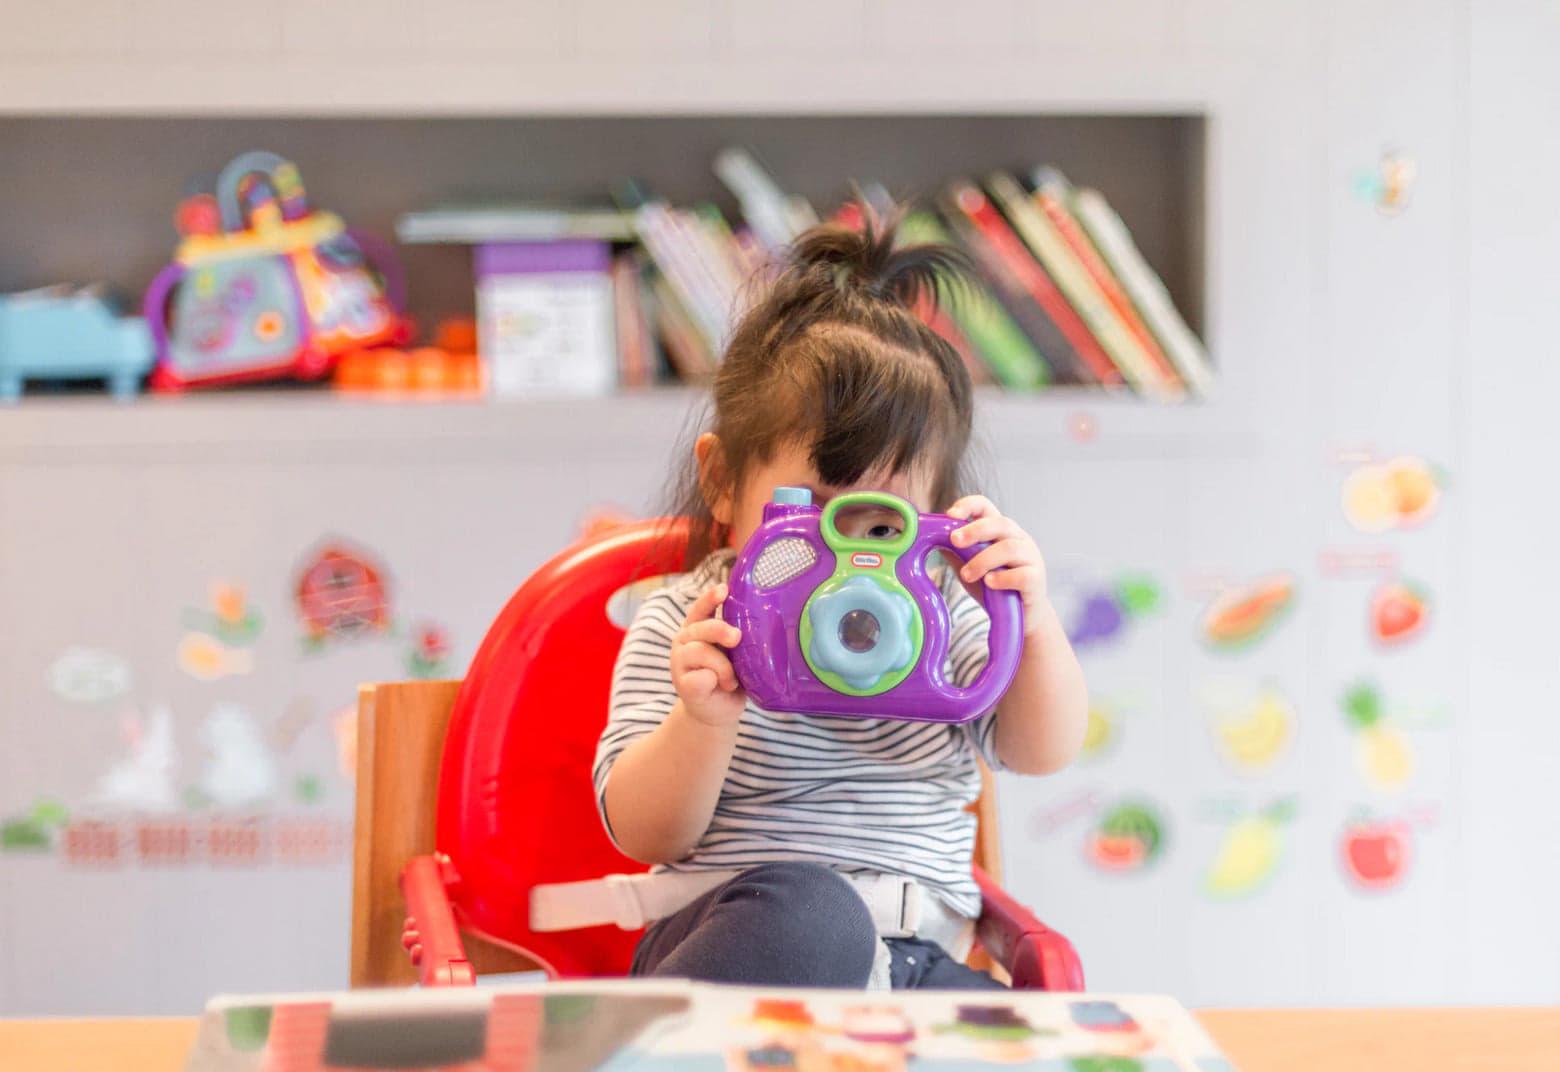 Dinsdag 15 september komt de schoolfotograaf. Stuur je kleine spruit met een glimlach naar school 😊